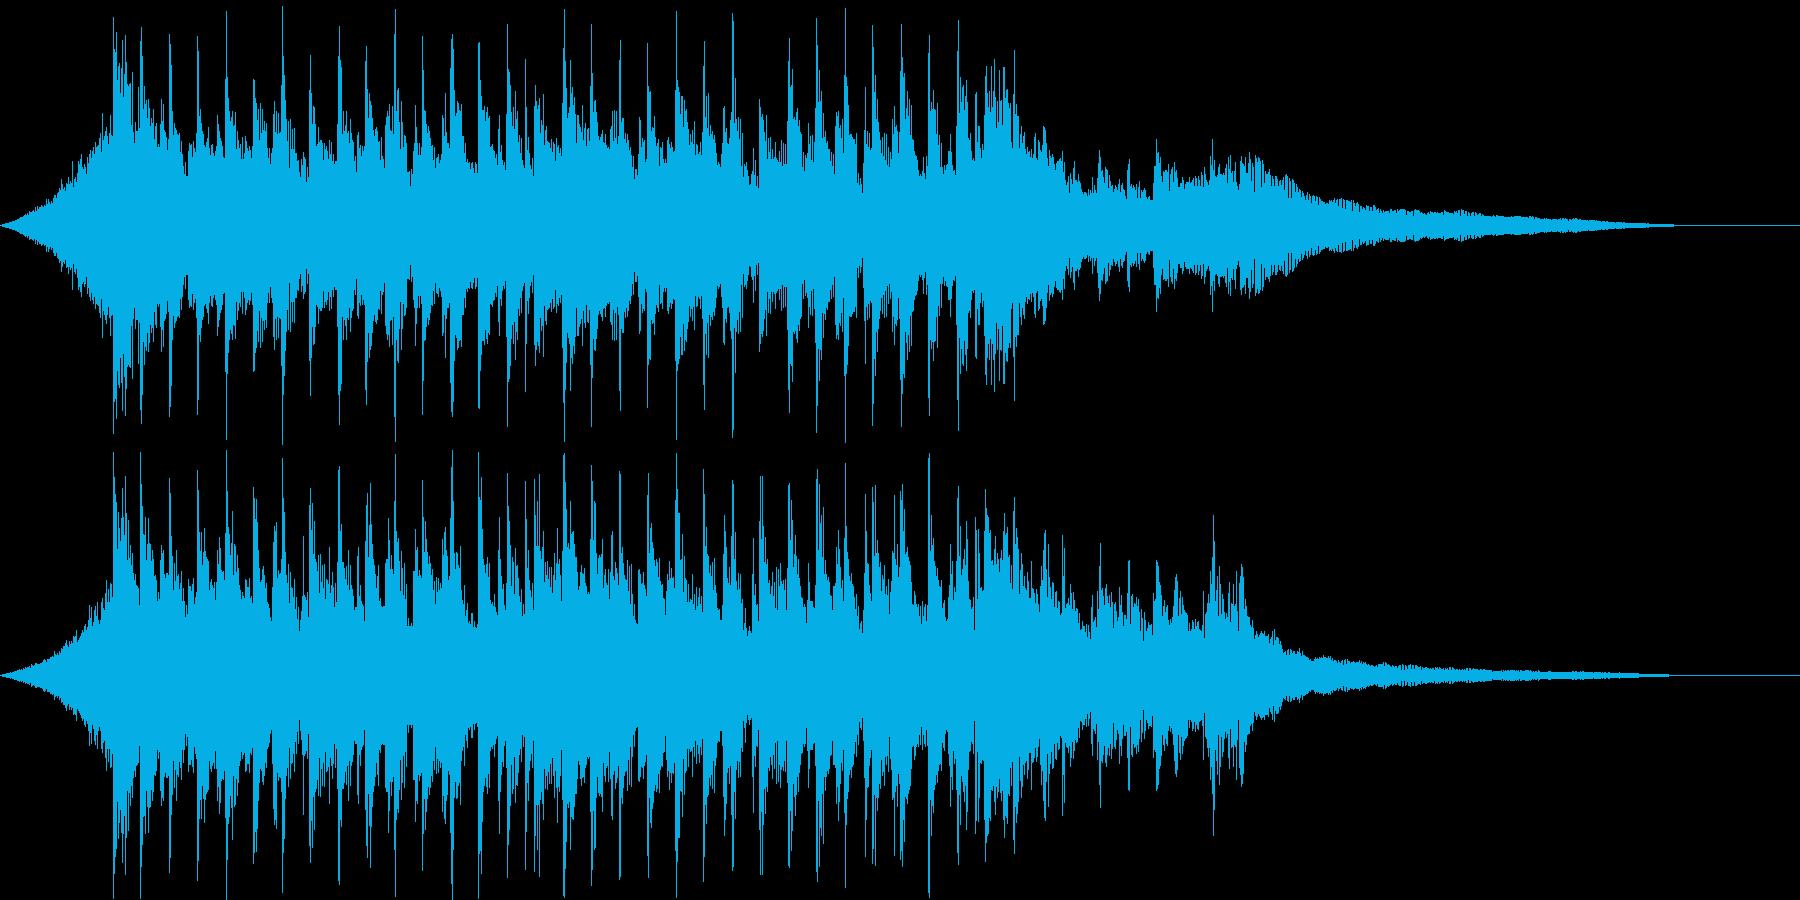 CM15秒、ウクレレ、爽快、疾走感、口笛の再生済みの波形